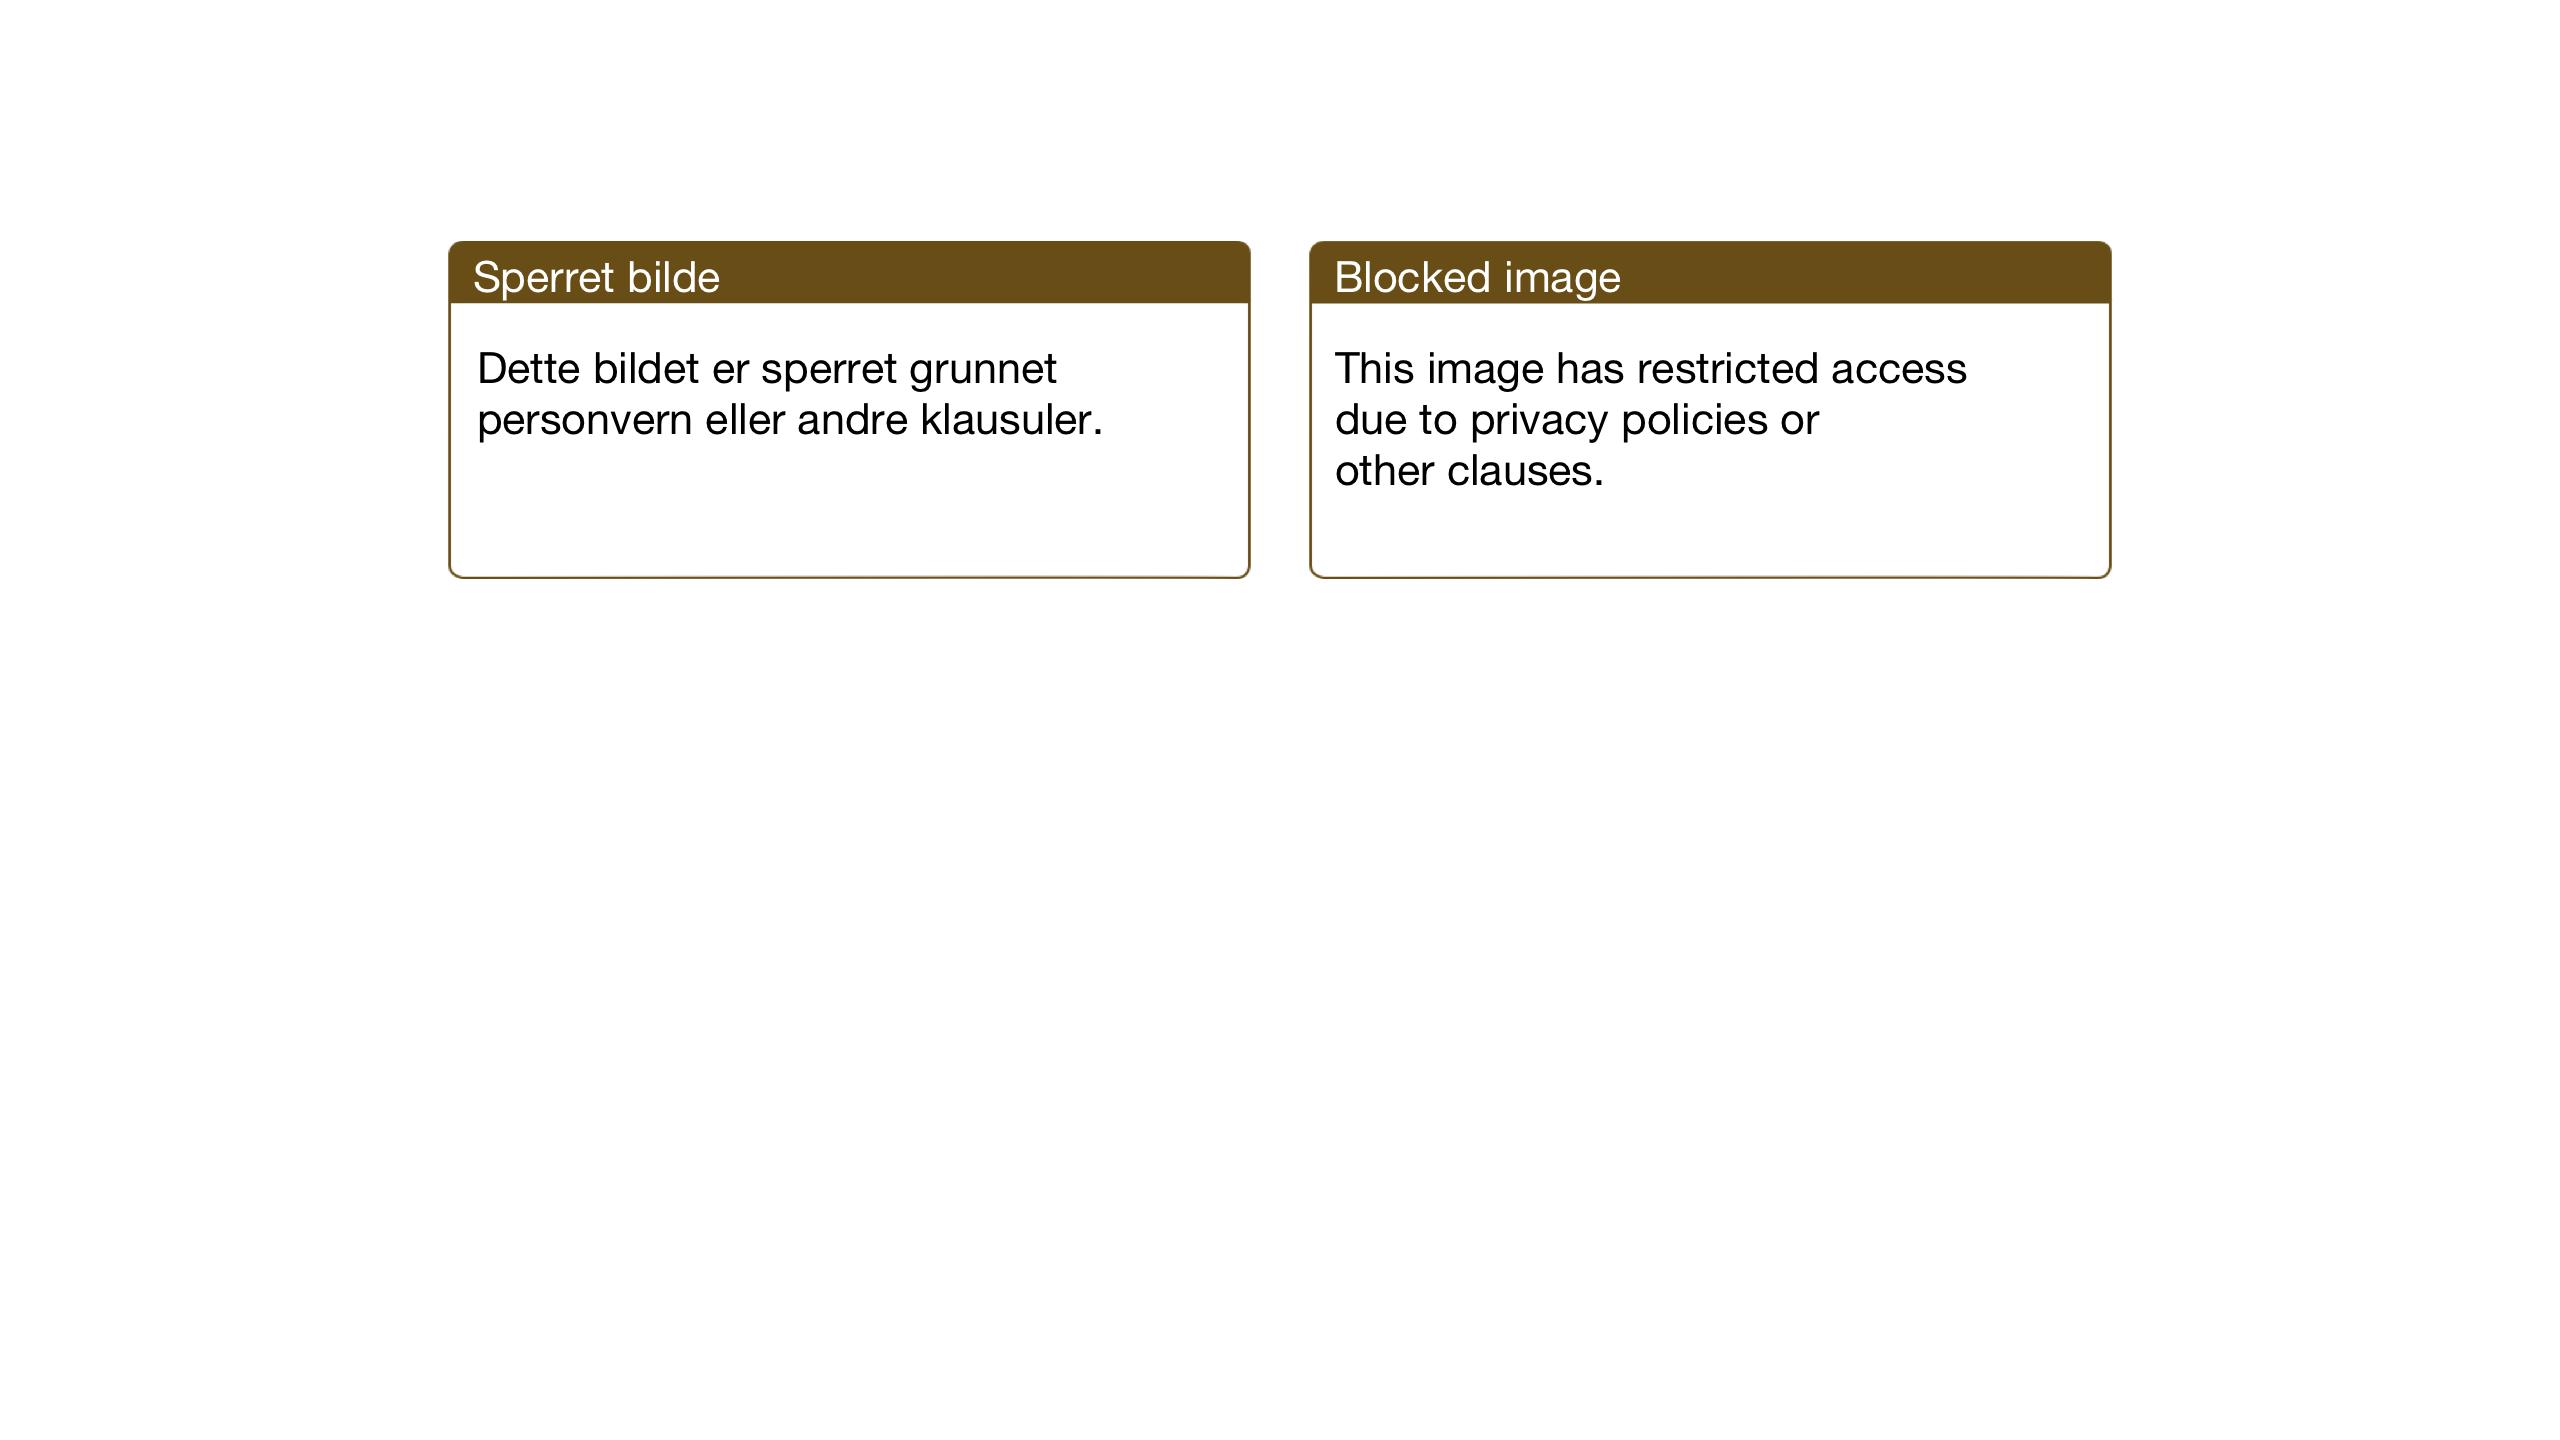 SAT, Ministerialprotokoller, klokkerbøker og fødselsregistre - Sør-Trøndelag, 667/L0799: Klokkerbok nr. 667C04, 1929-1950, s. 48